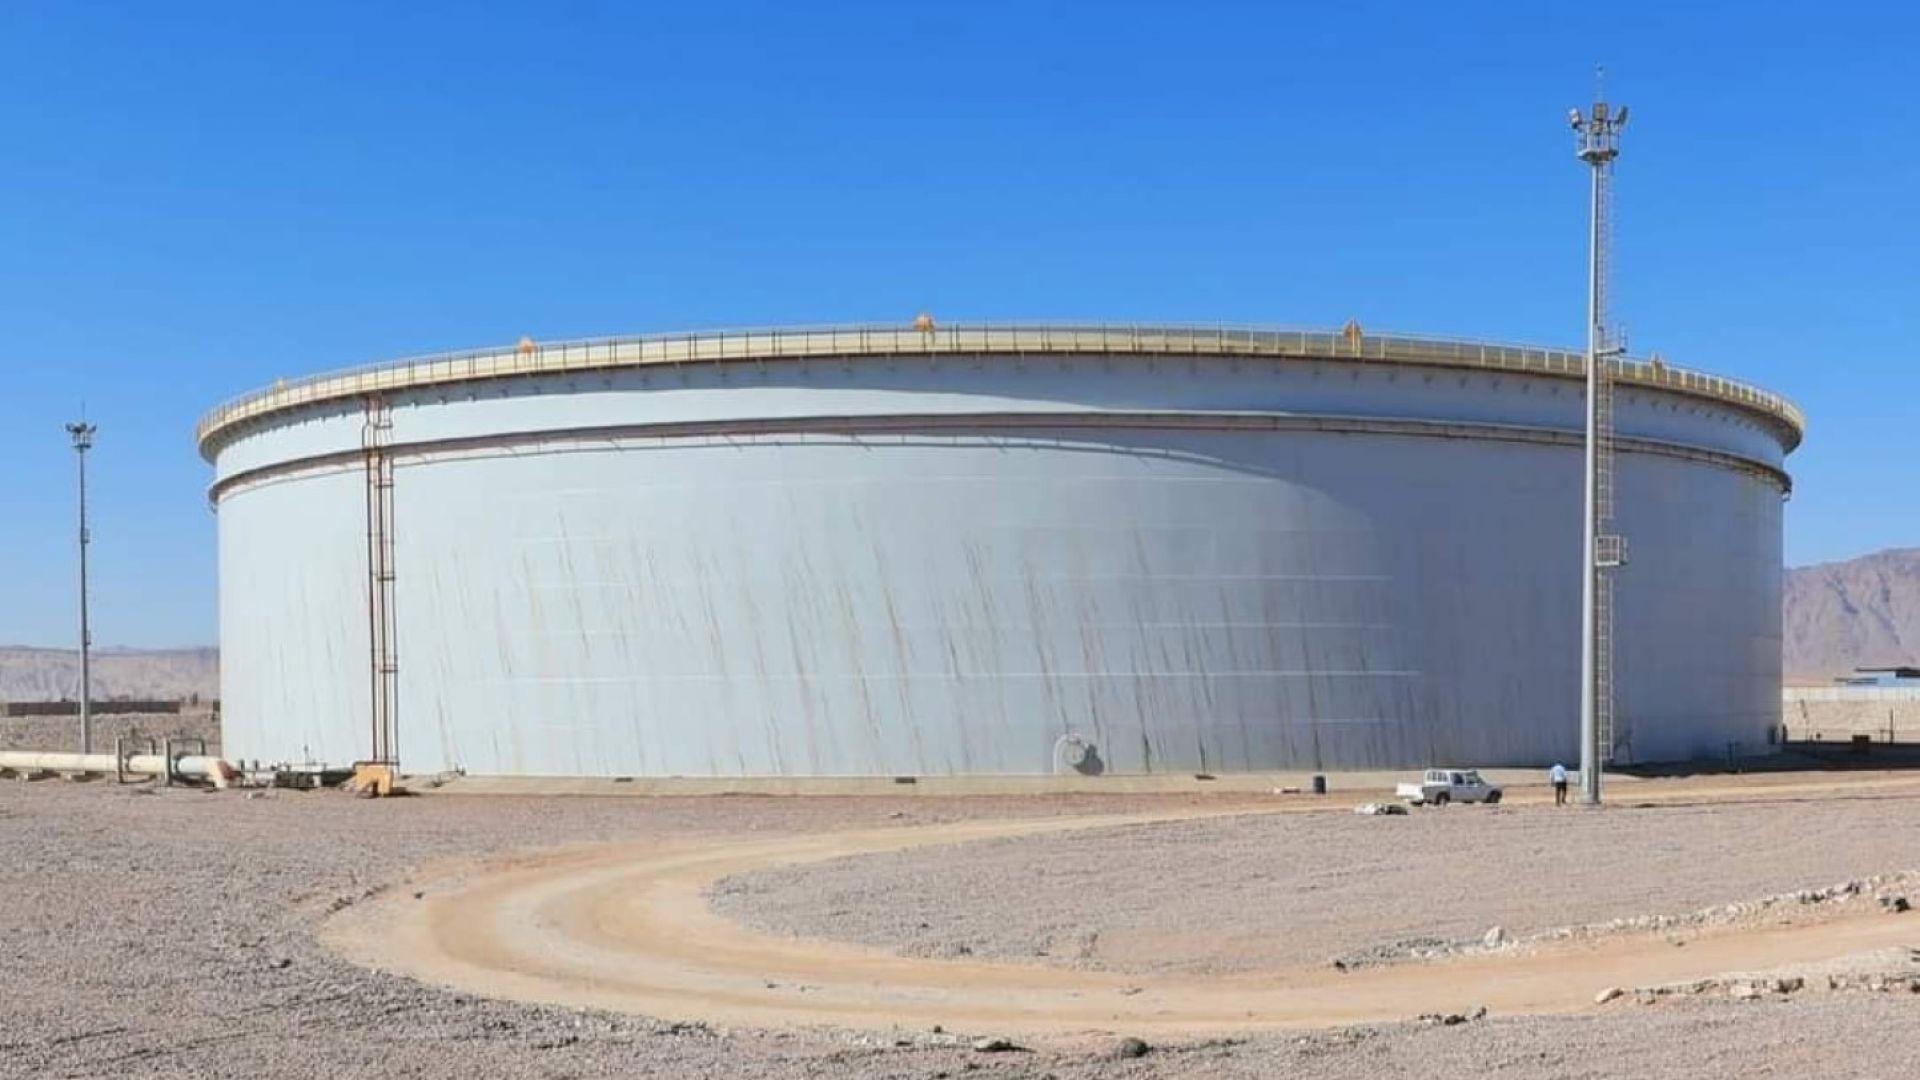 Египет влезе в Гинес с гигантски резервоар за петрол с плаващ покрив